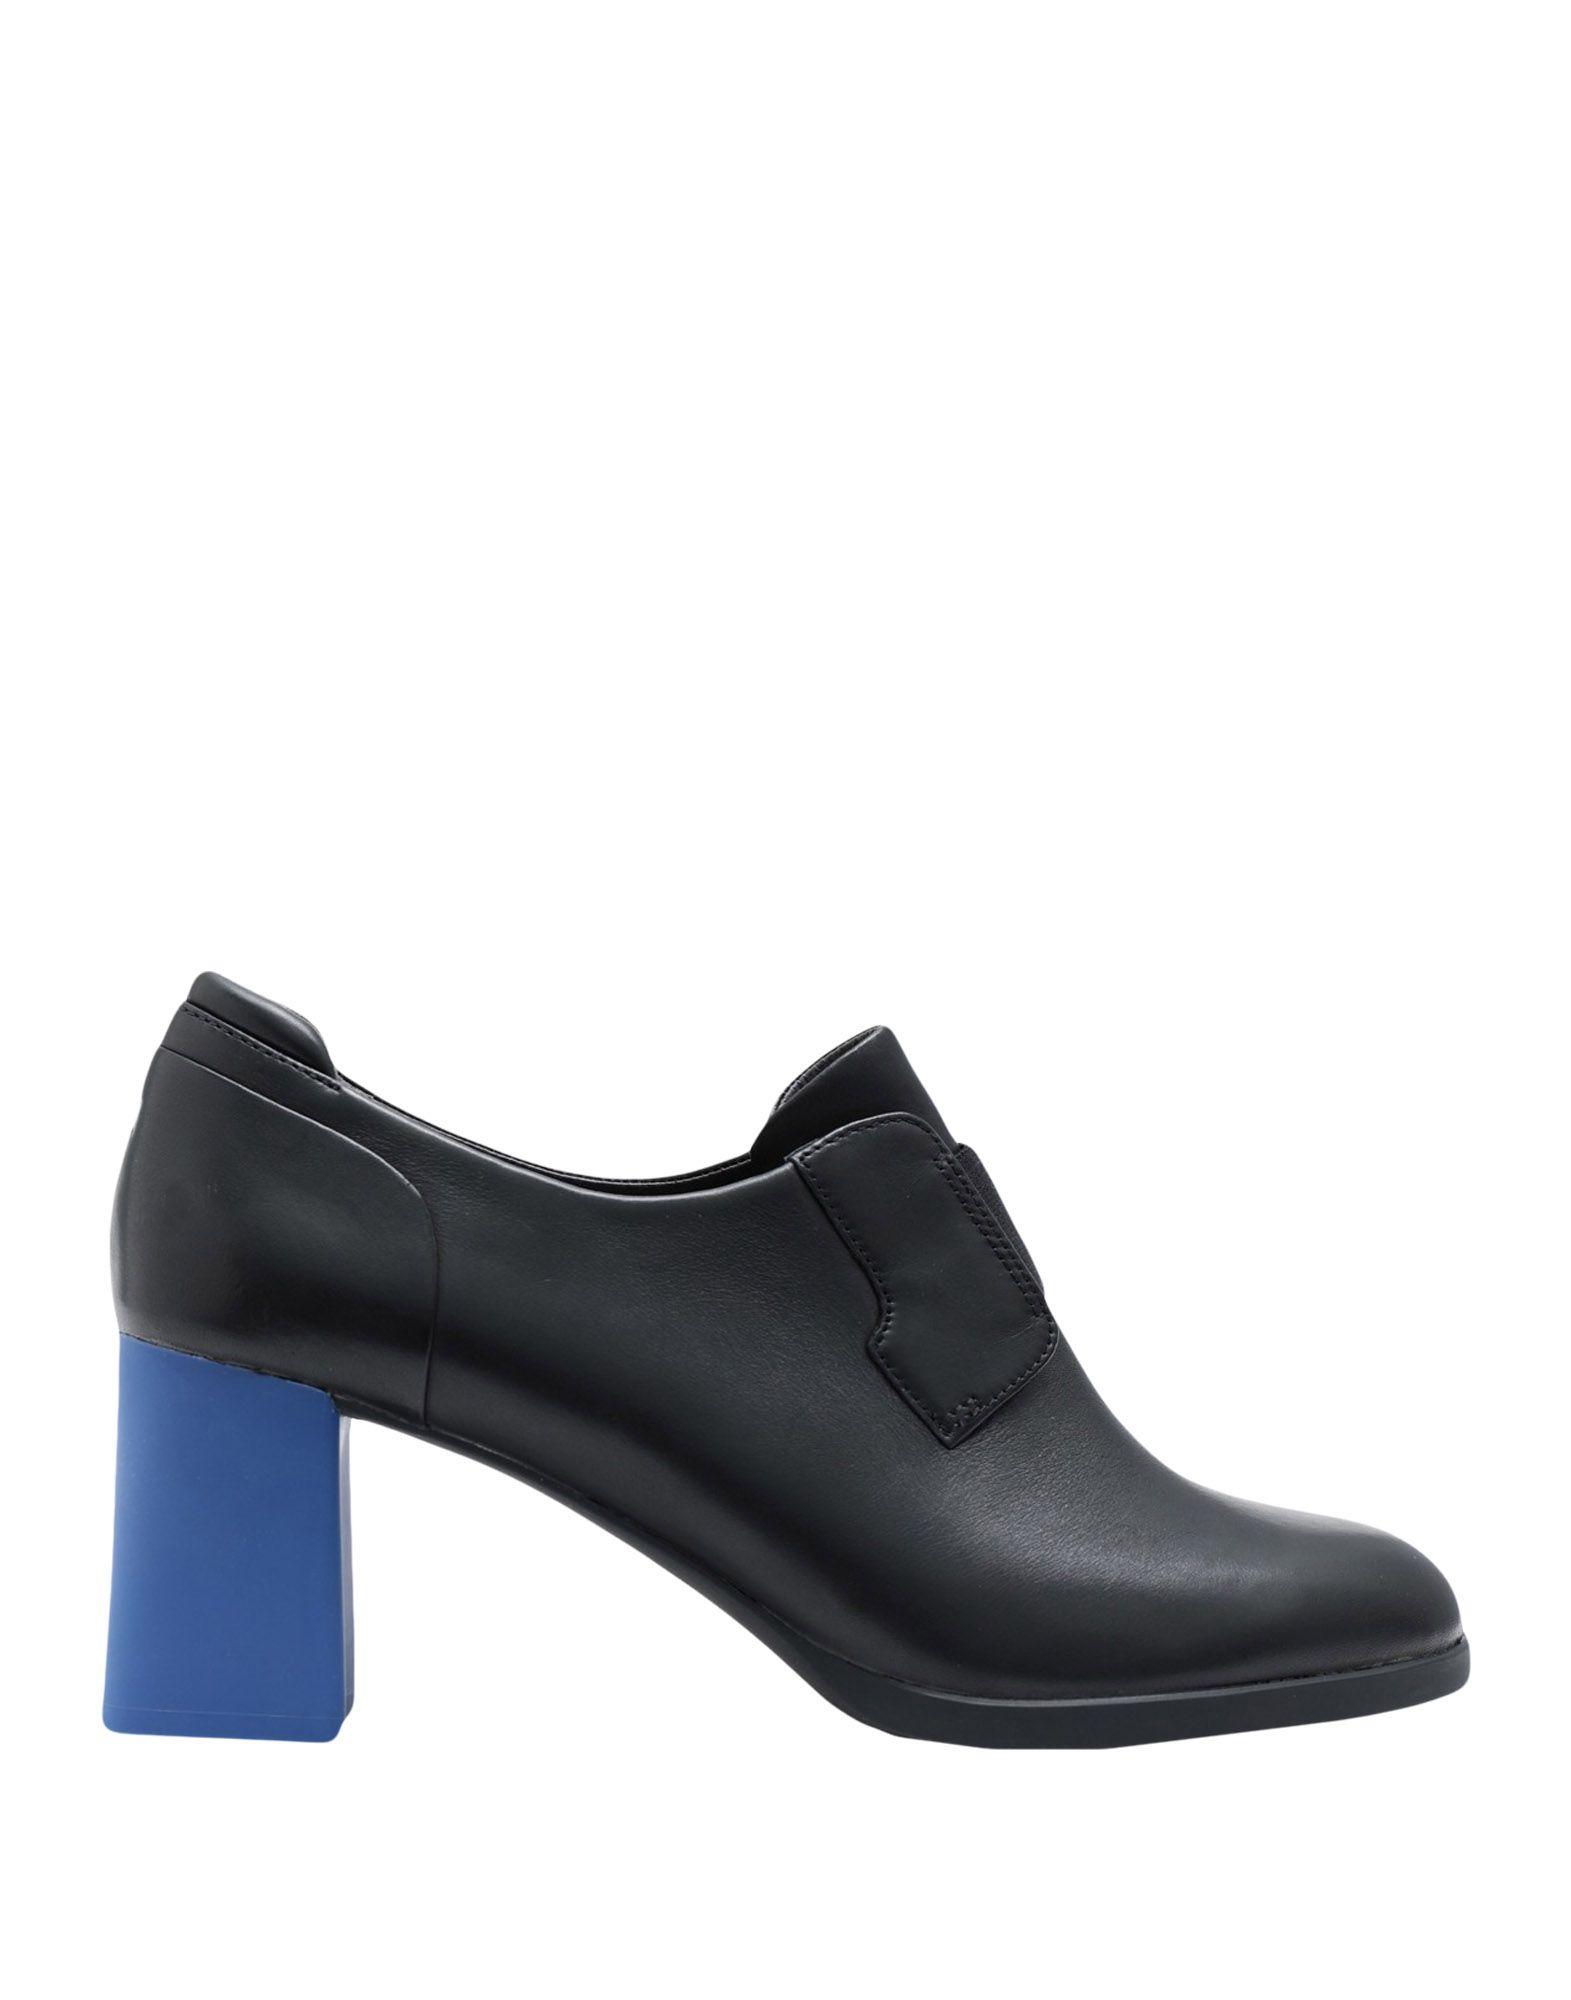 Stilvolle billige Schuhe Schuhe Schuhe Camper Pumps Damen 11555840AQ 6f735a